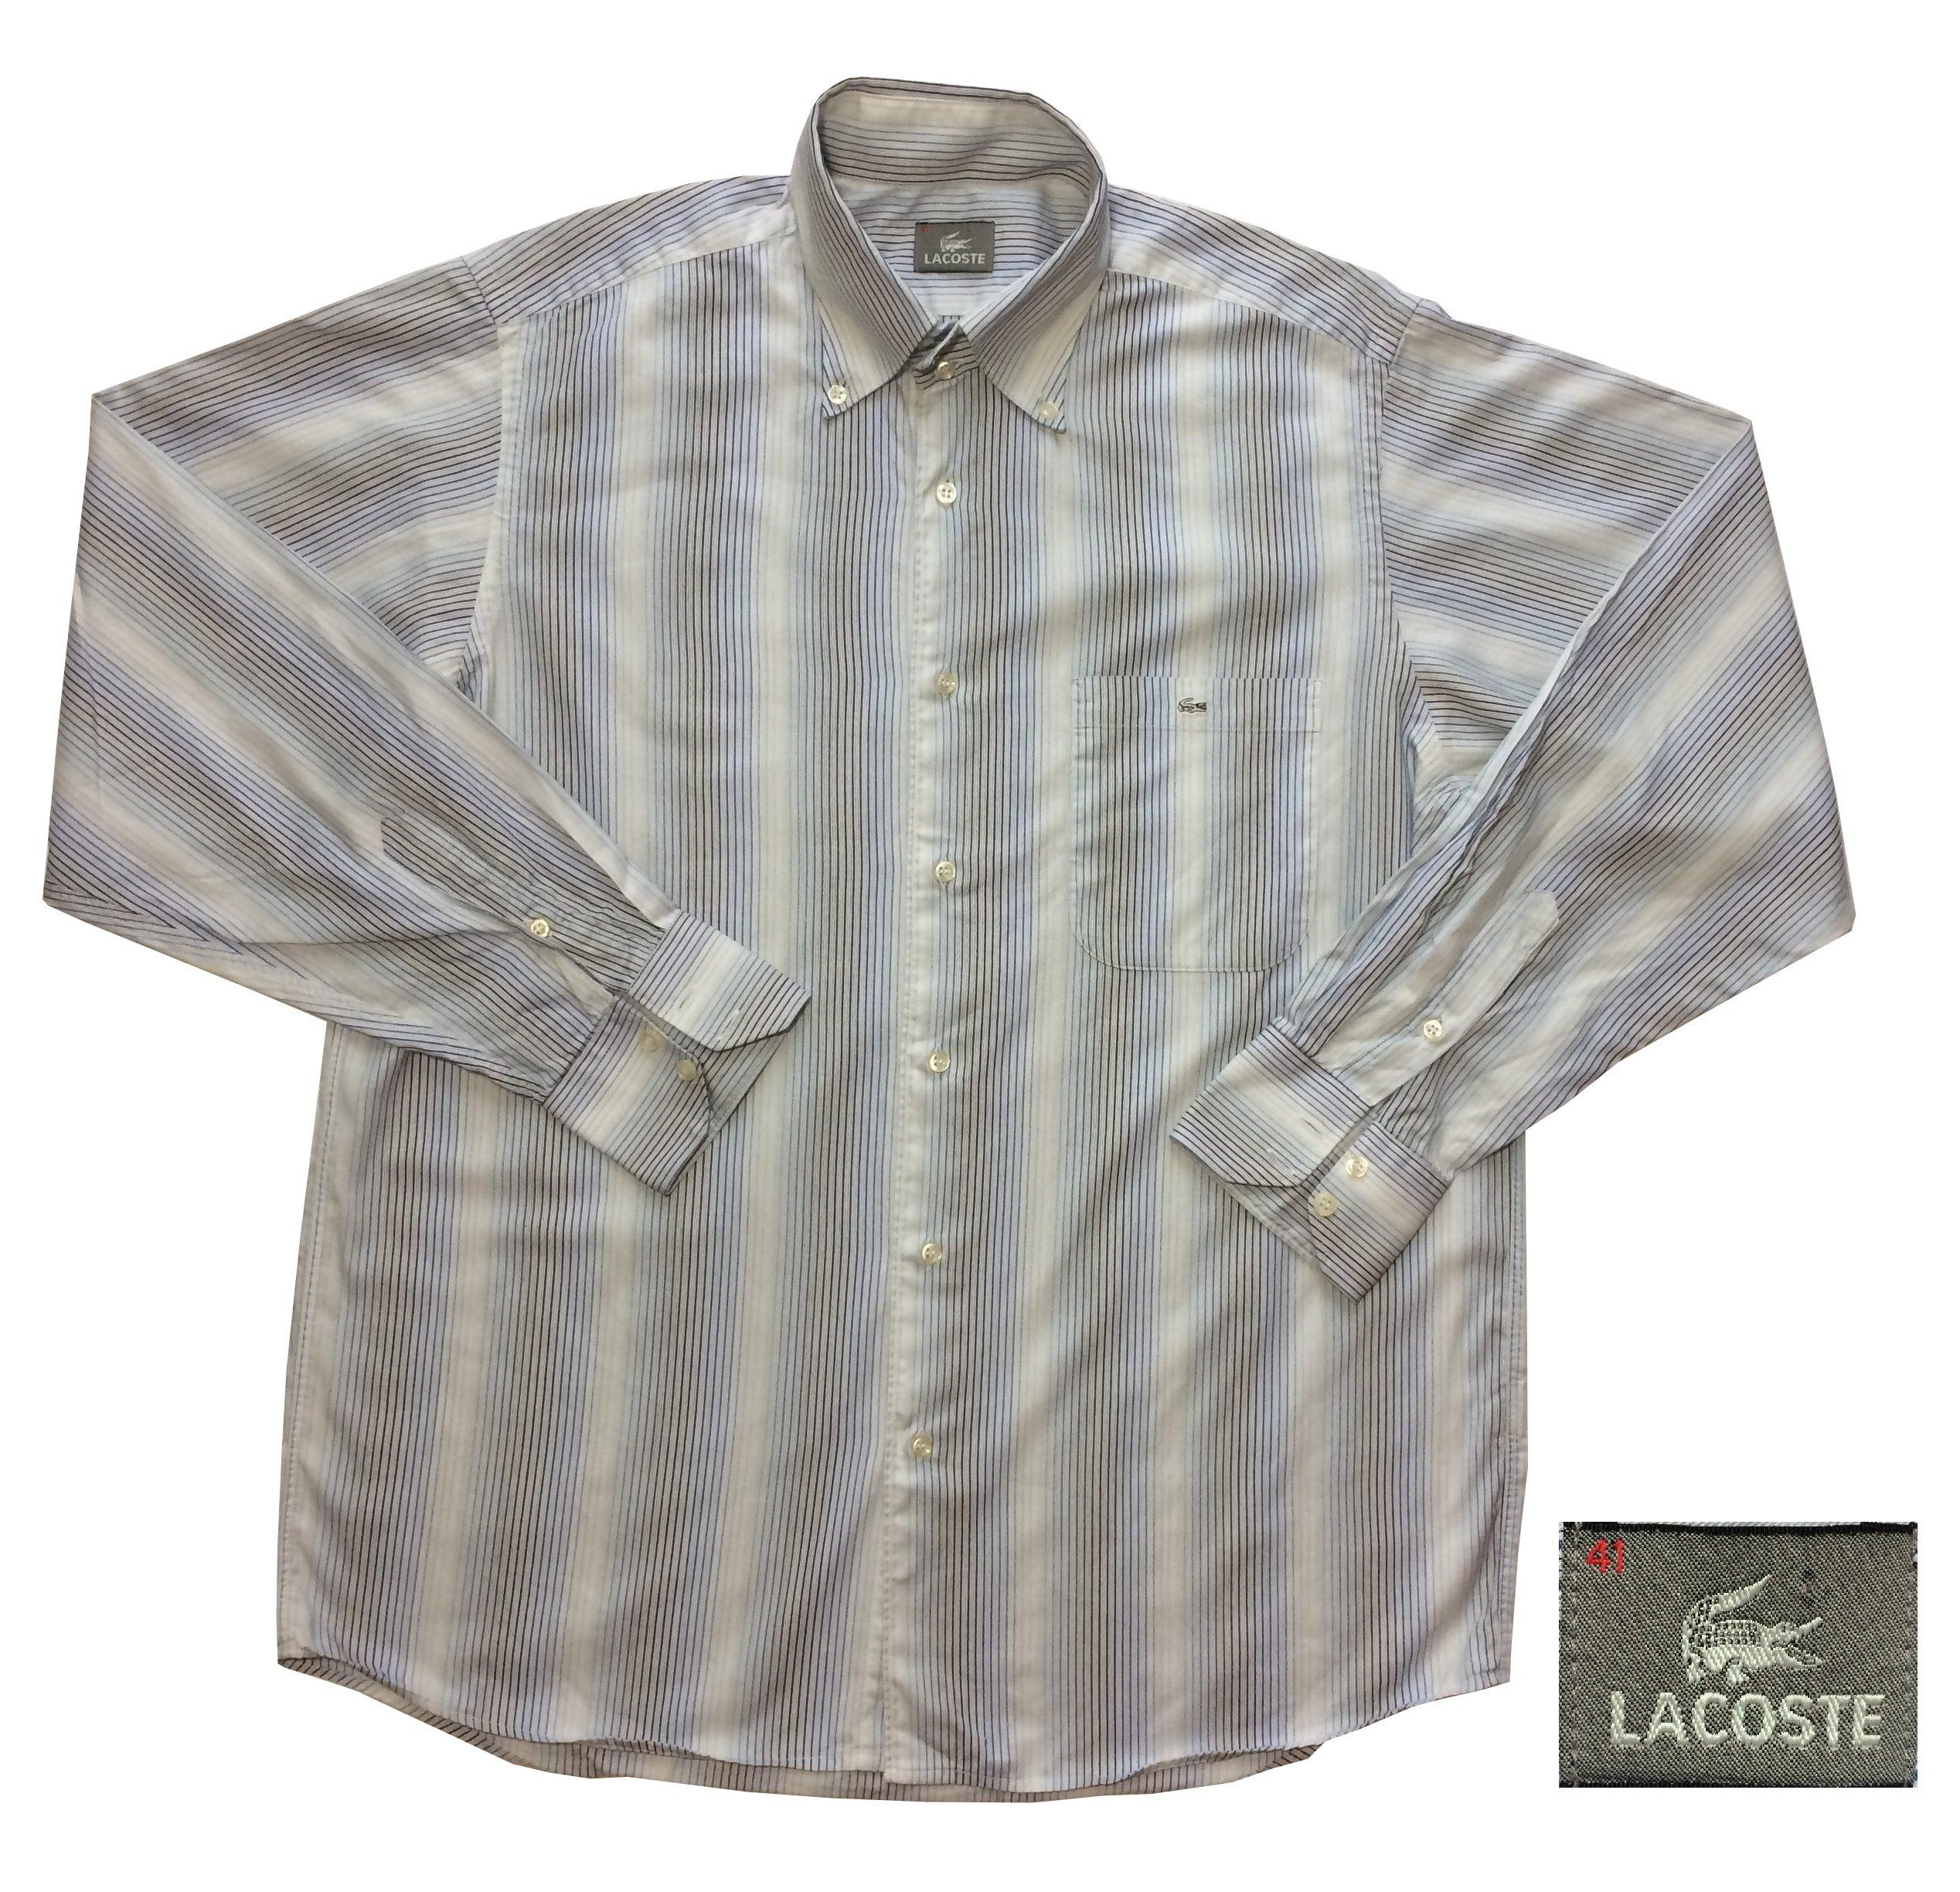 aa8ebd36d LACOSTE koszula męska niebieskie paski bawełna 41 - 6751421275 ...